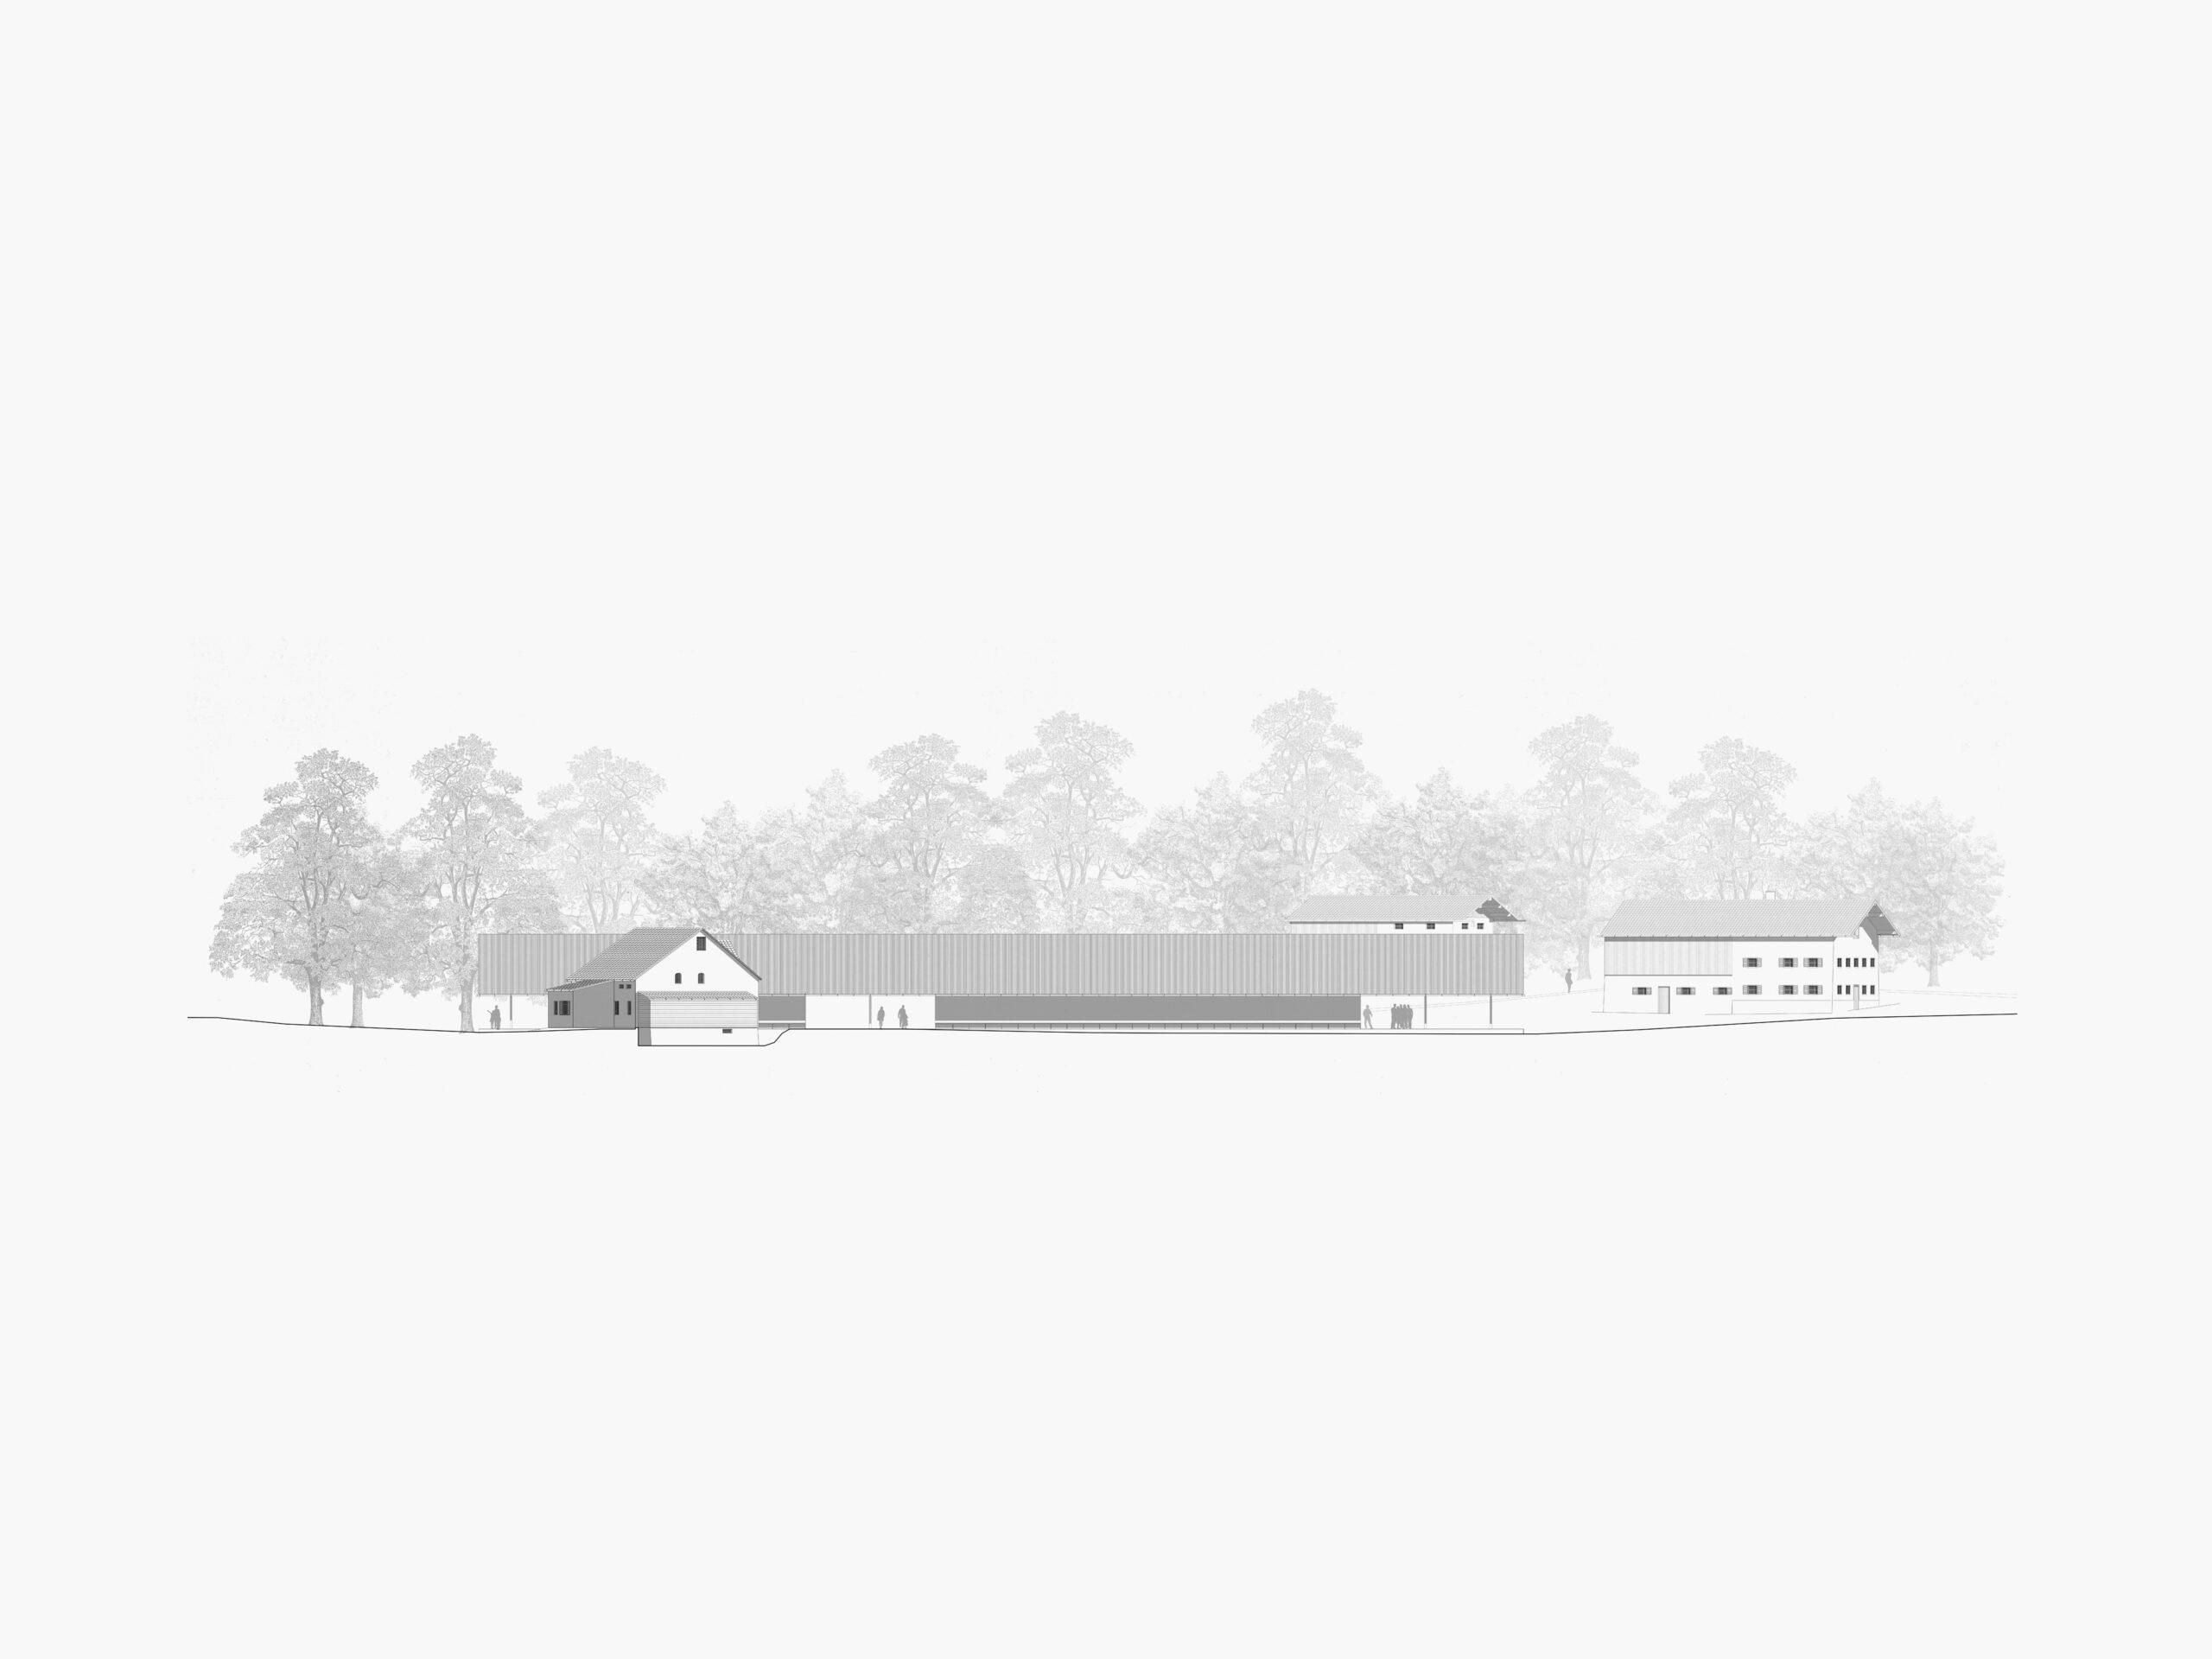 Michael-Becker-Architects-Architekten-Bauernhausmuseum-Ammerang-Ansicht-Sued